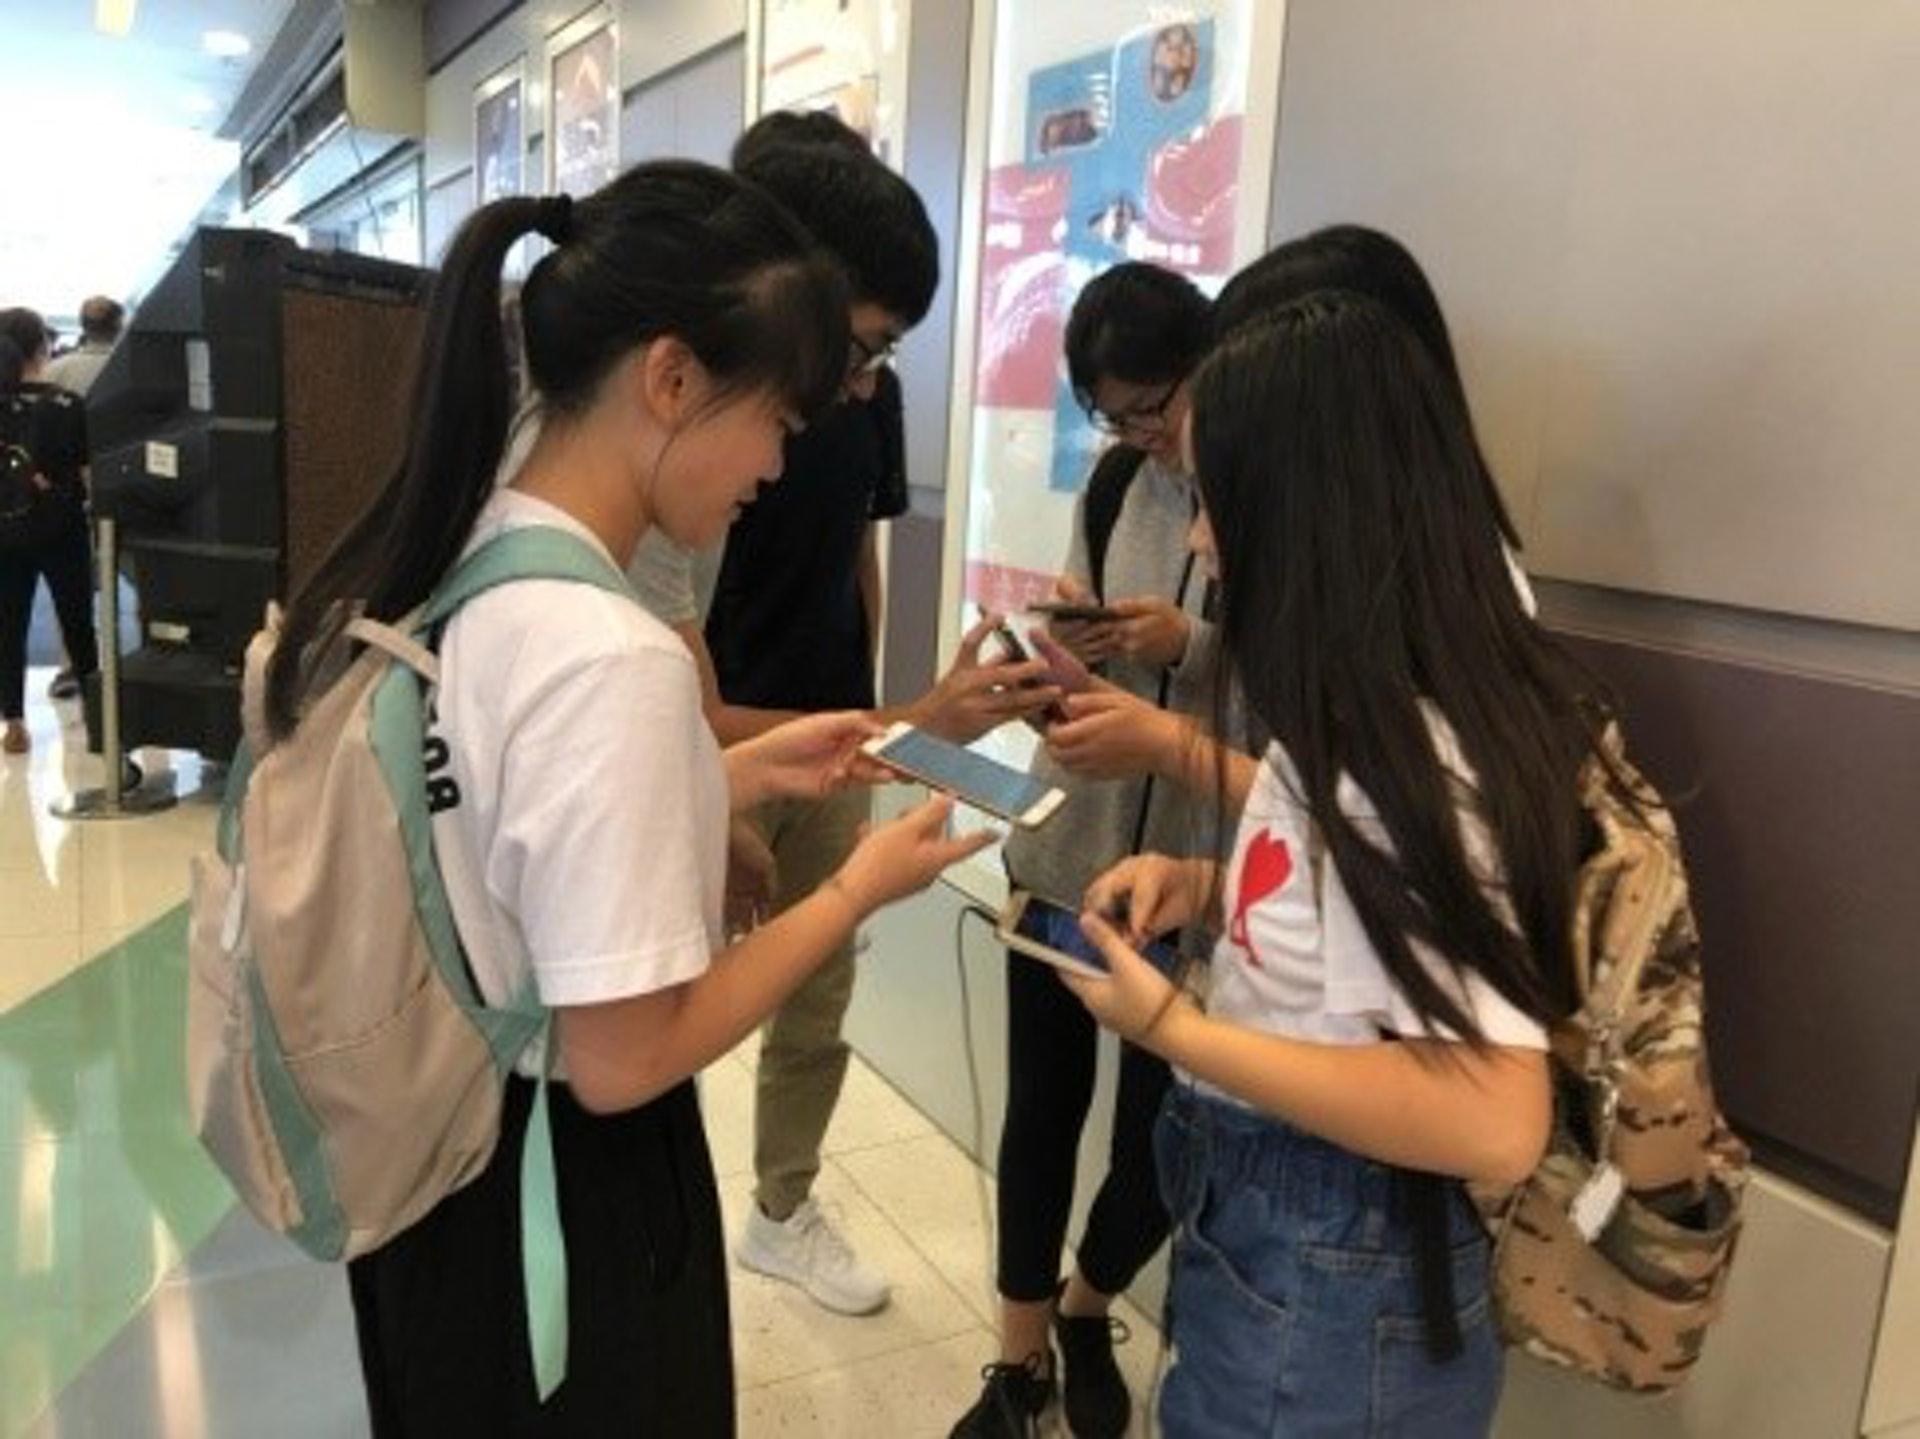 香港九龍塘基督教中華宣道會陳瑞芝紀念中學的學生參加了第十九屆『傲翔新世代』全方位青年領袖訓練計劃『環保與我』專題研習計劃